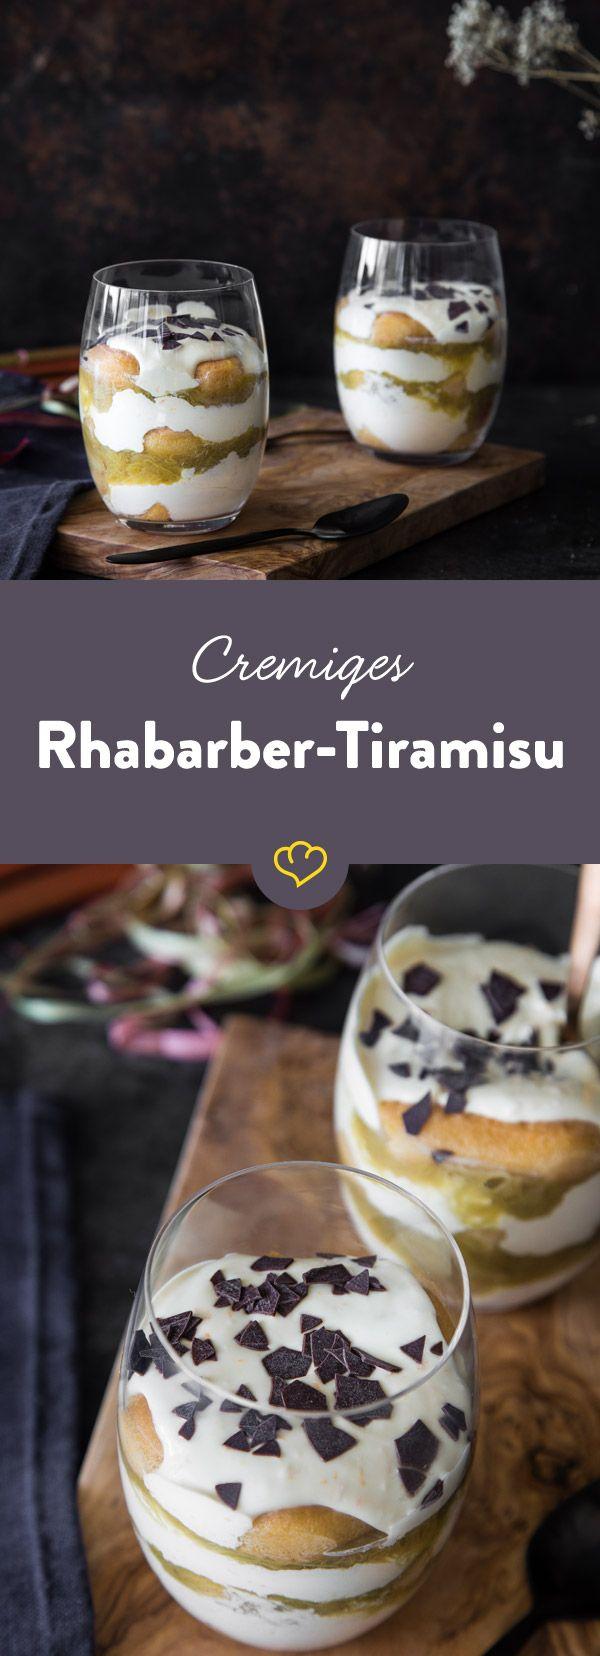 12 Löffelbiskuit, 6 Rhabarberstangen und viele Löffel Mascarpone-Orangen-Creme später setzt die wohlige Zufriedenheit nach diesem fruchtigem Tiramisu ein.